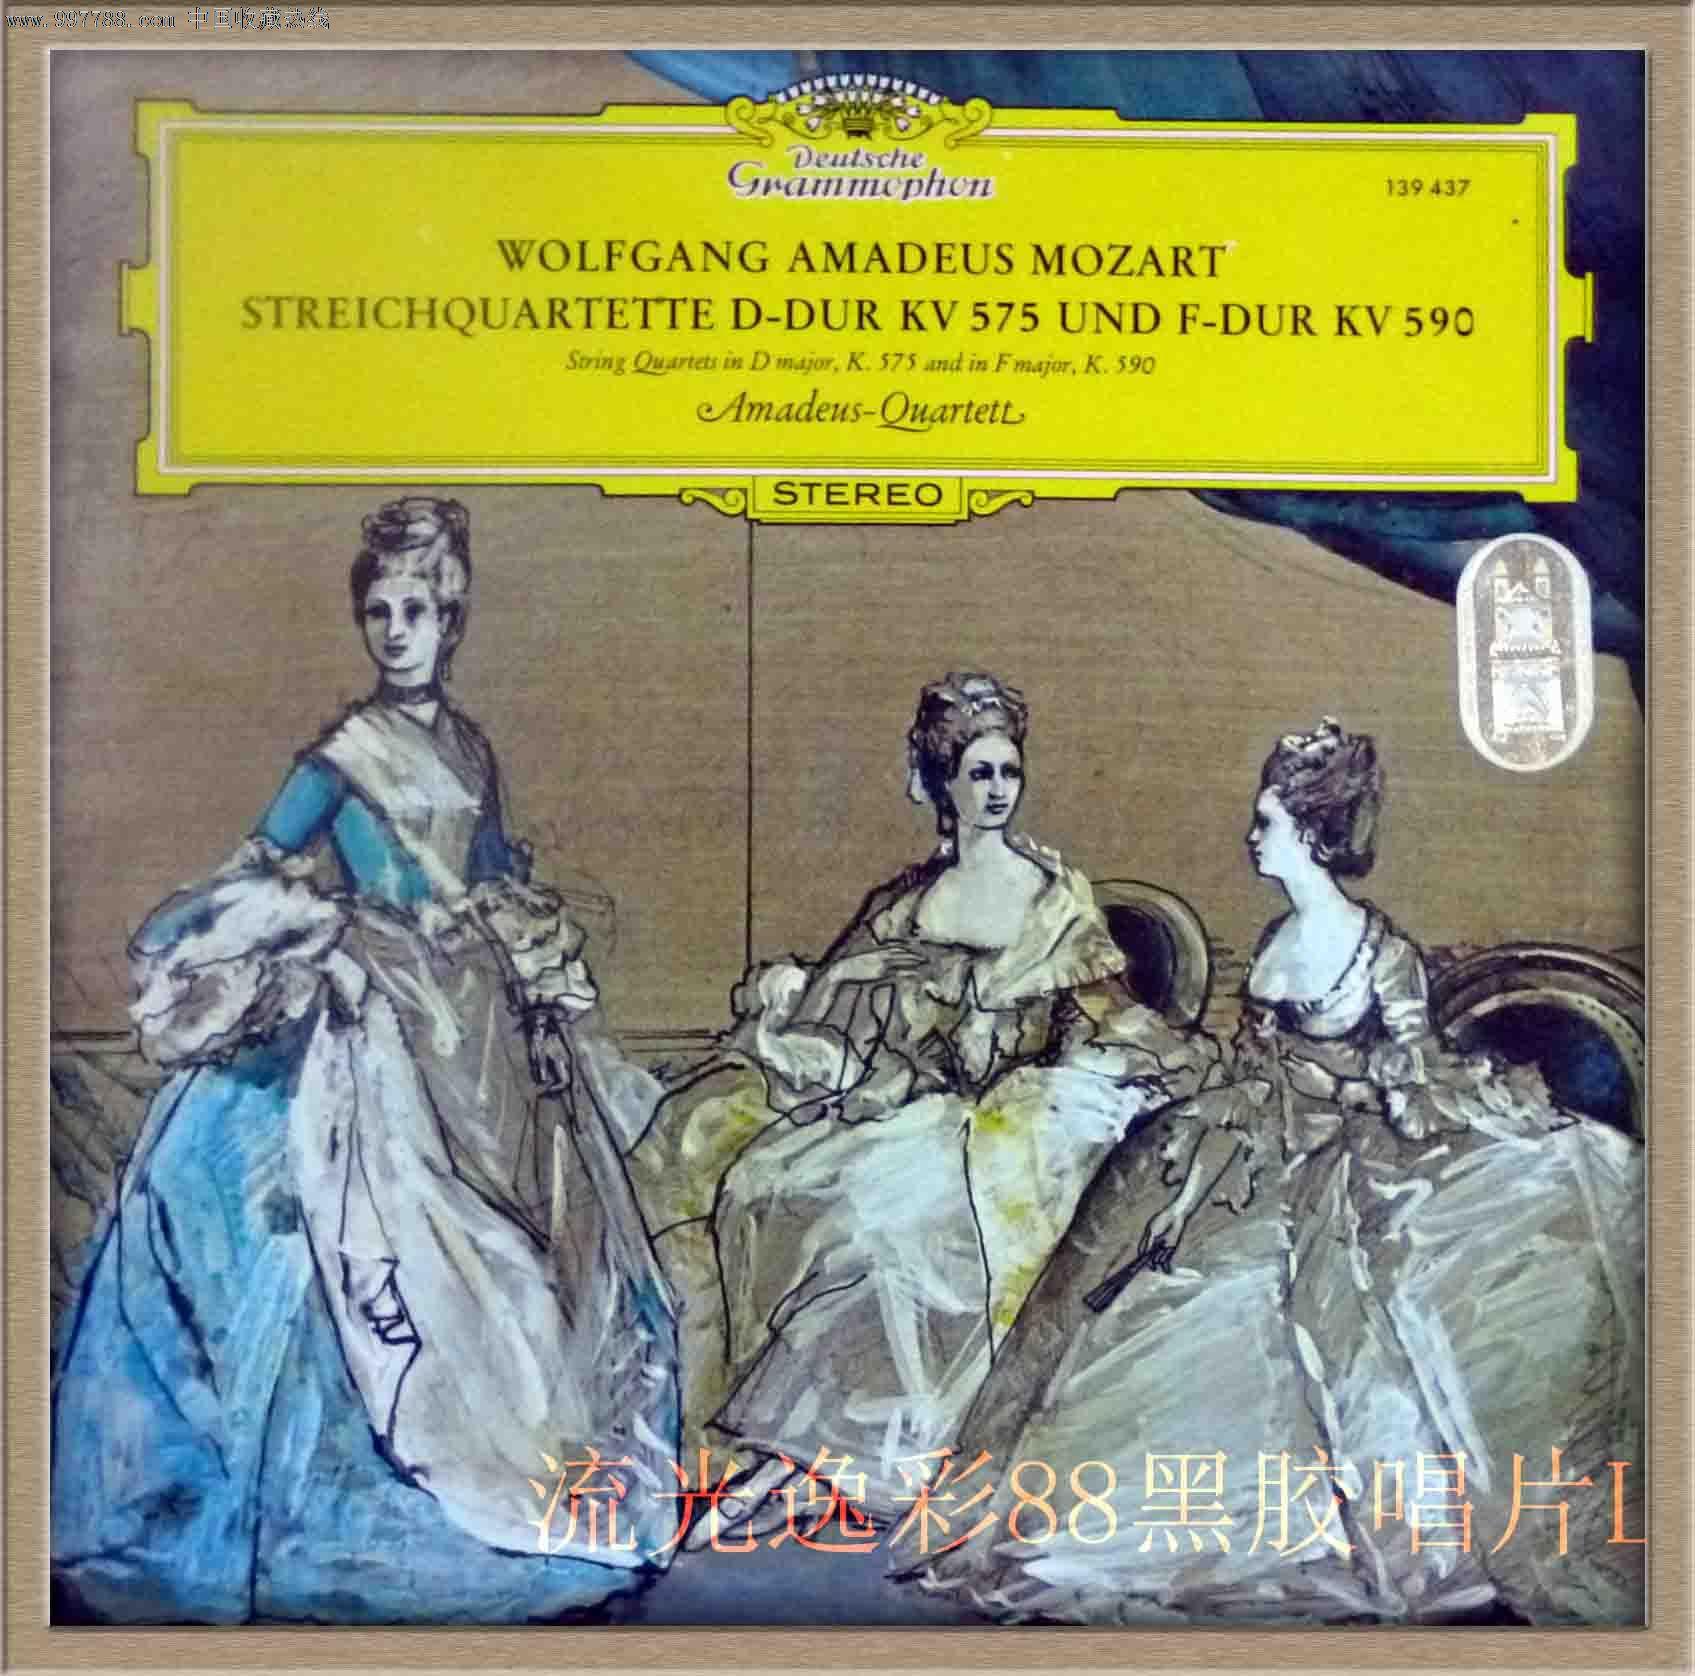 莫扎特 弦乐四重奏 古典 黑胶唱片 lp